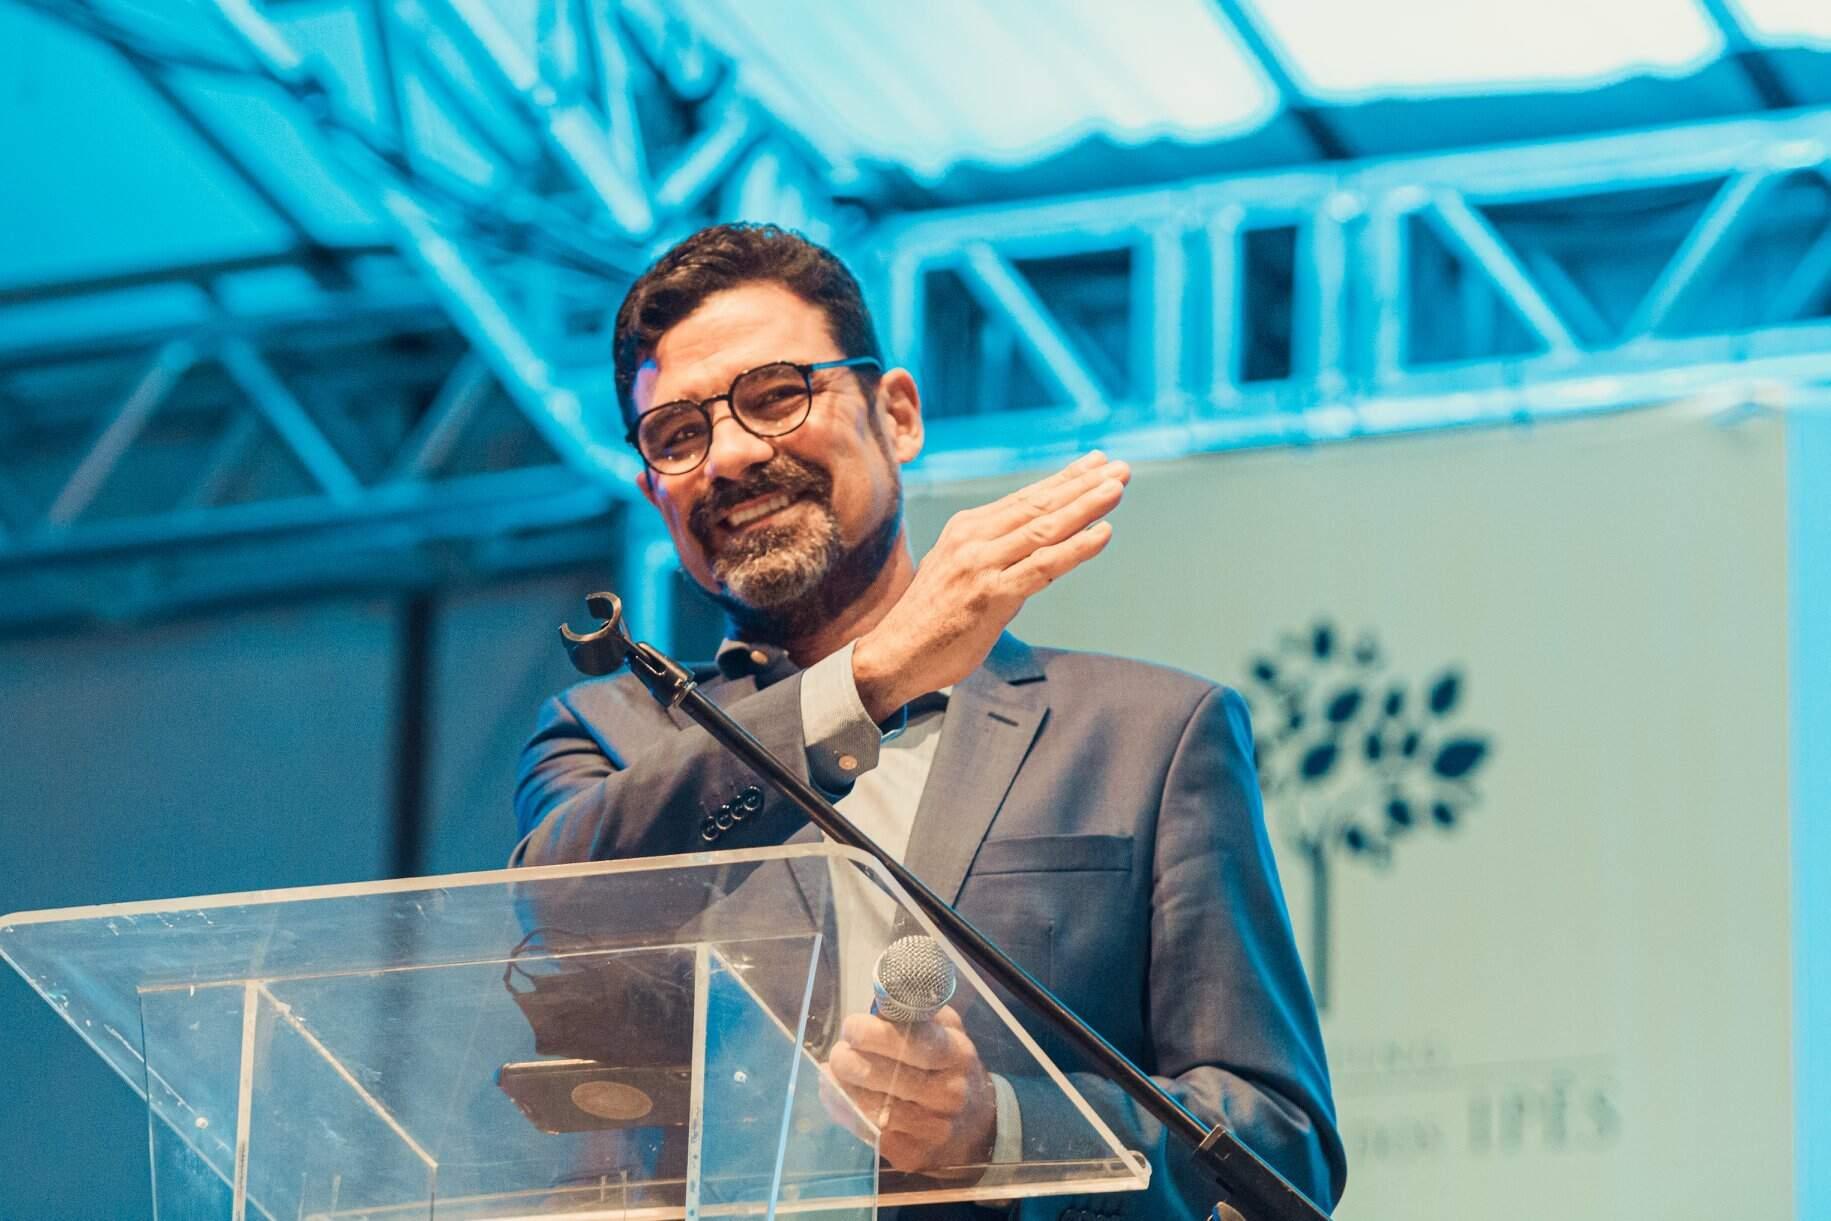 Candidato a prefeito, Sérgio Harfouche (Avante), durante evento de campanha (Foto: Reprodução - Facebook)